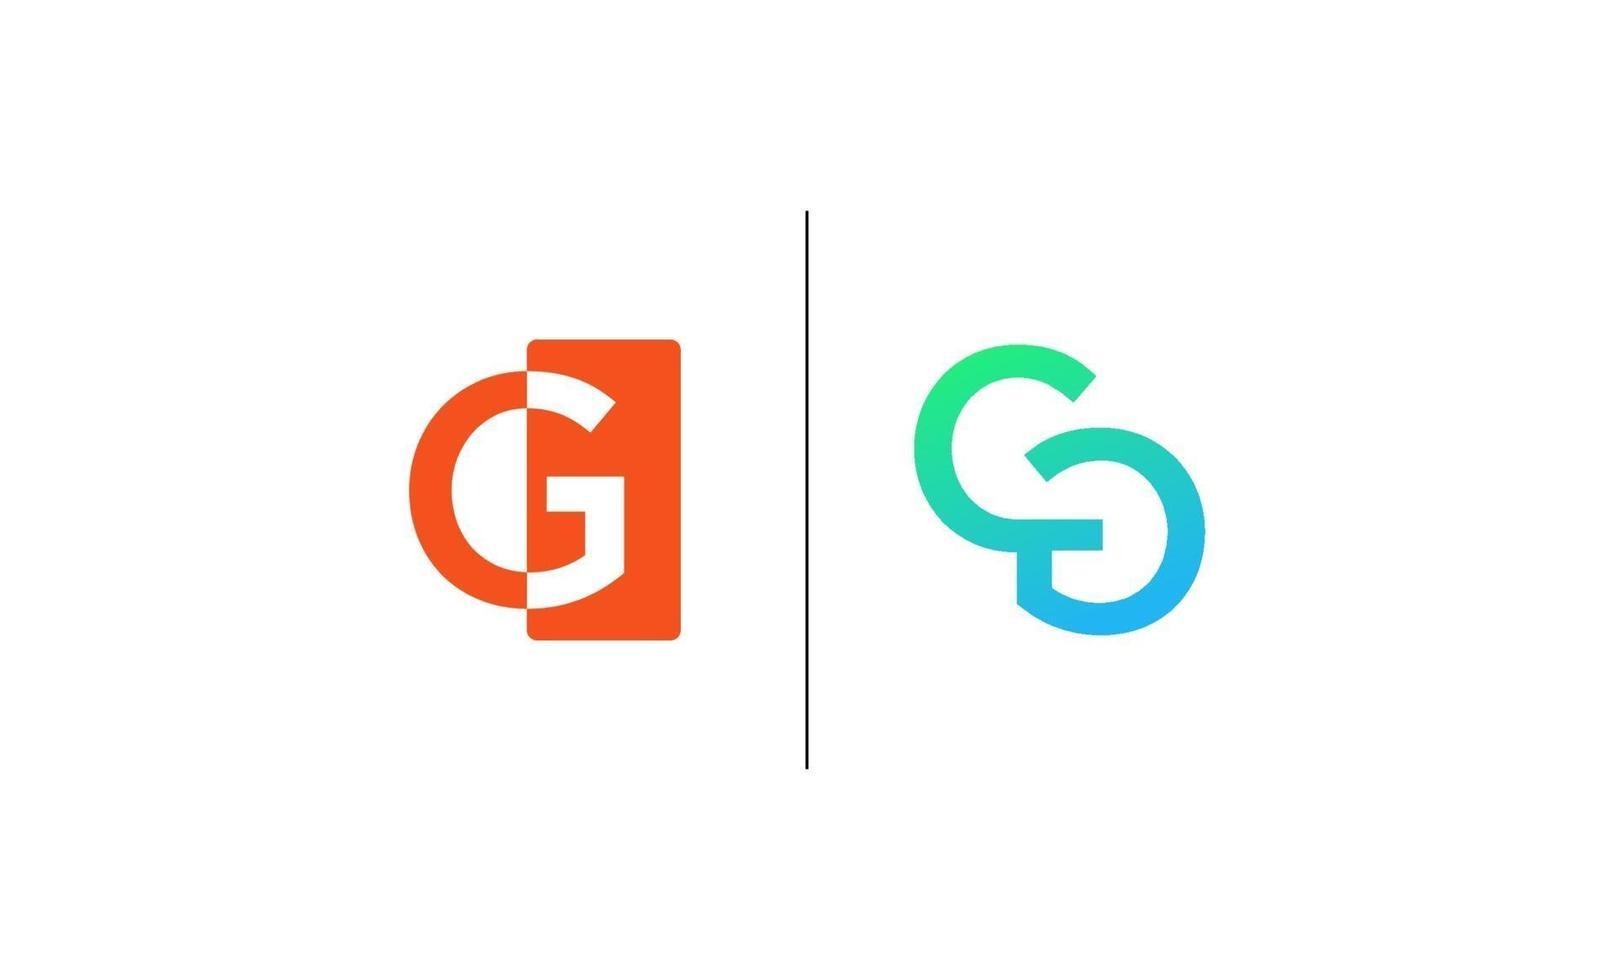 cg monogram initialer brev logotyp koncept vektor